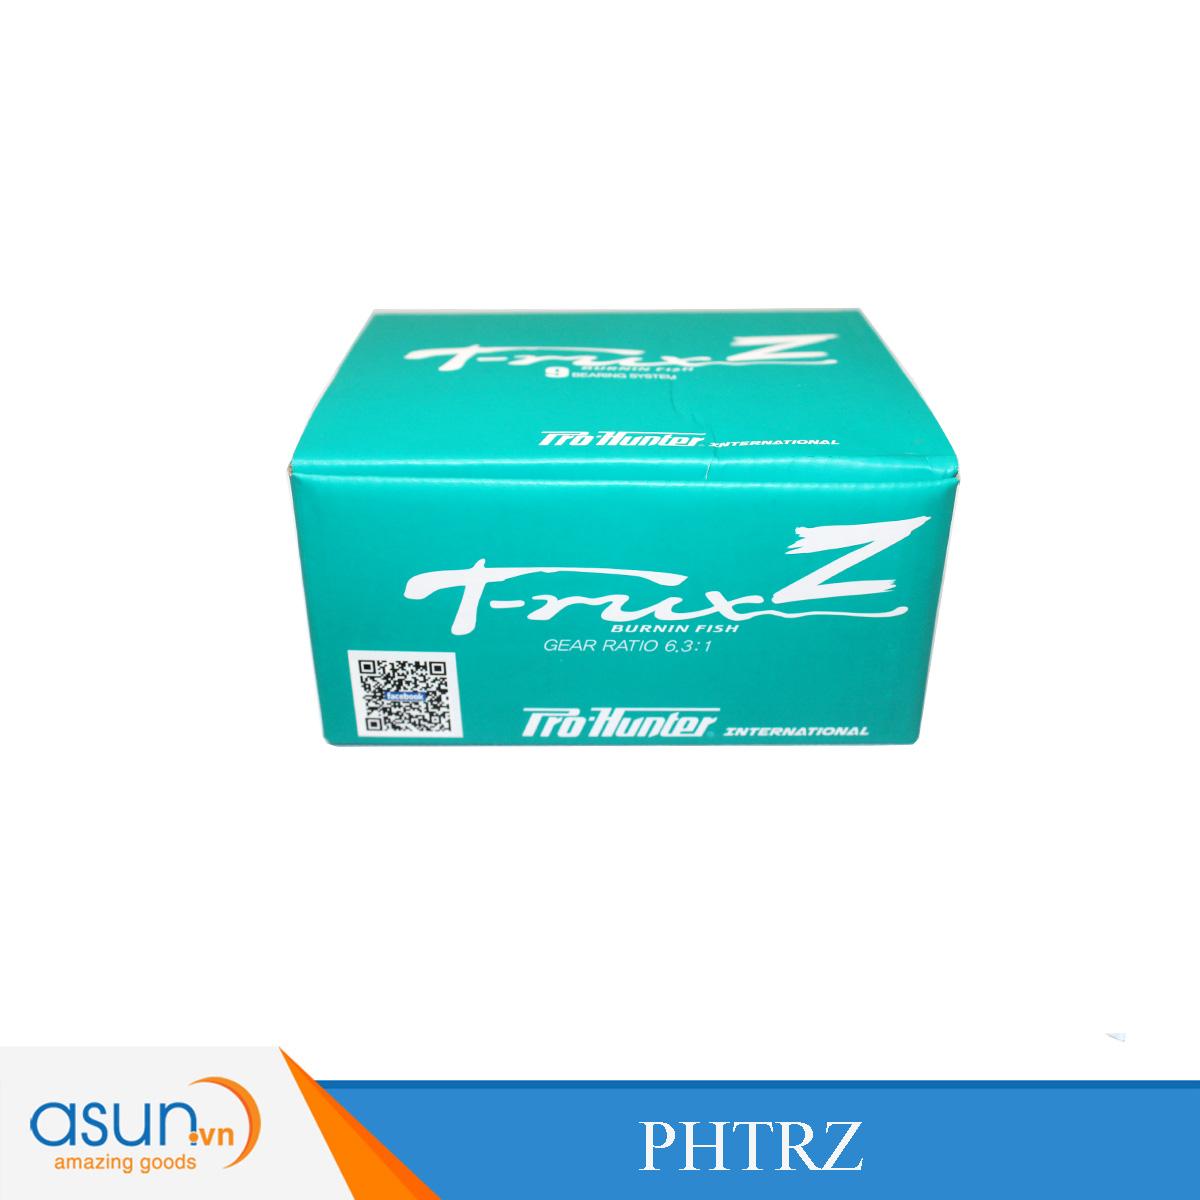 Máy Câu Ngang Pro Hunter Trux Series Z - Máy Câu Đài Loan Chính Hãng